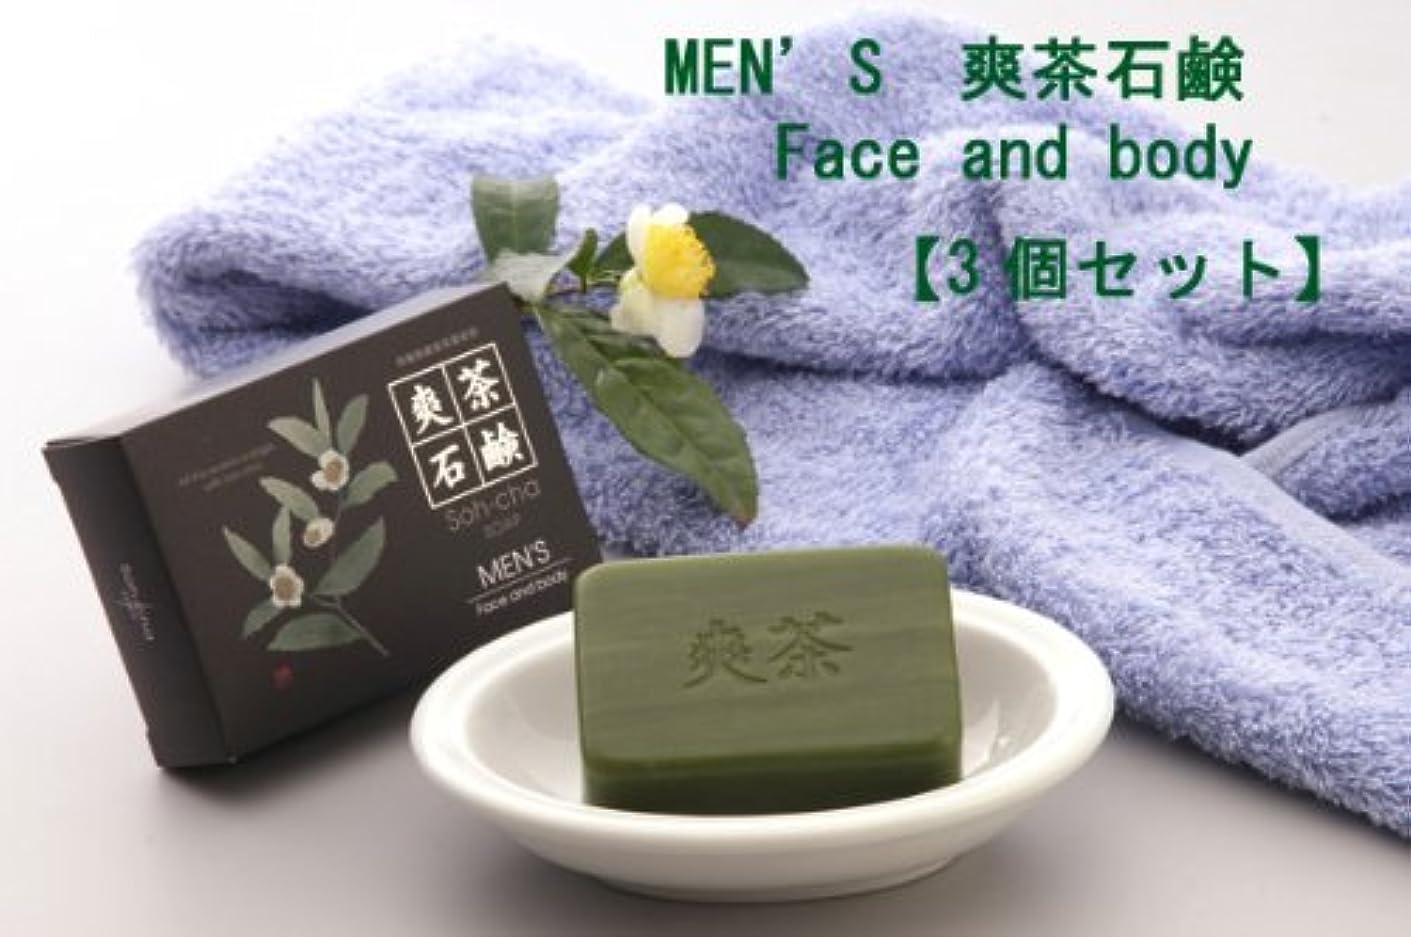 スリム領事館豪華なMEN'S 爽茶石鹸 Face and body 3個セット(男性用デオドラントボディ+洗顔石鹸)